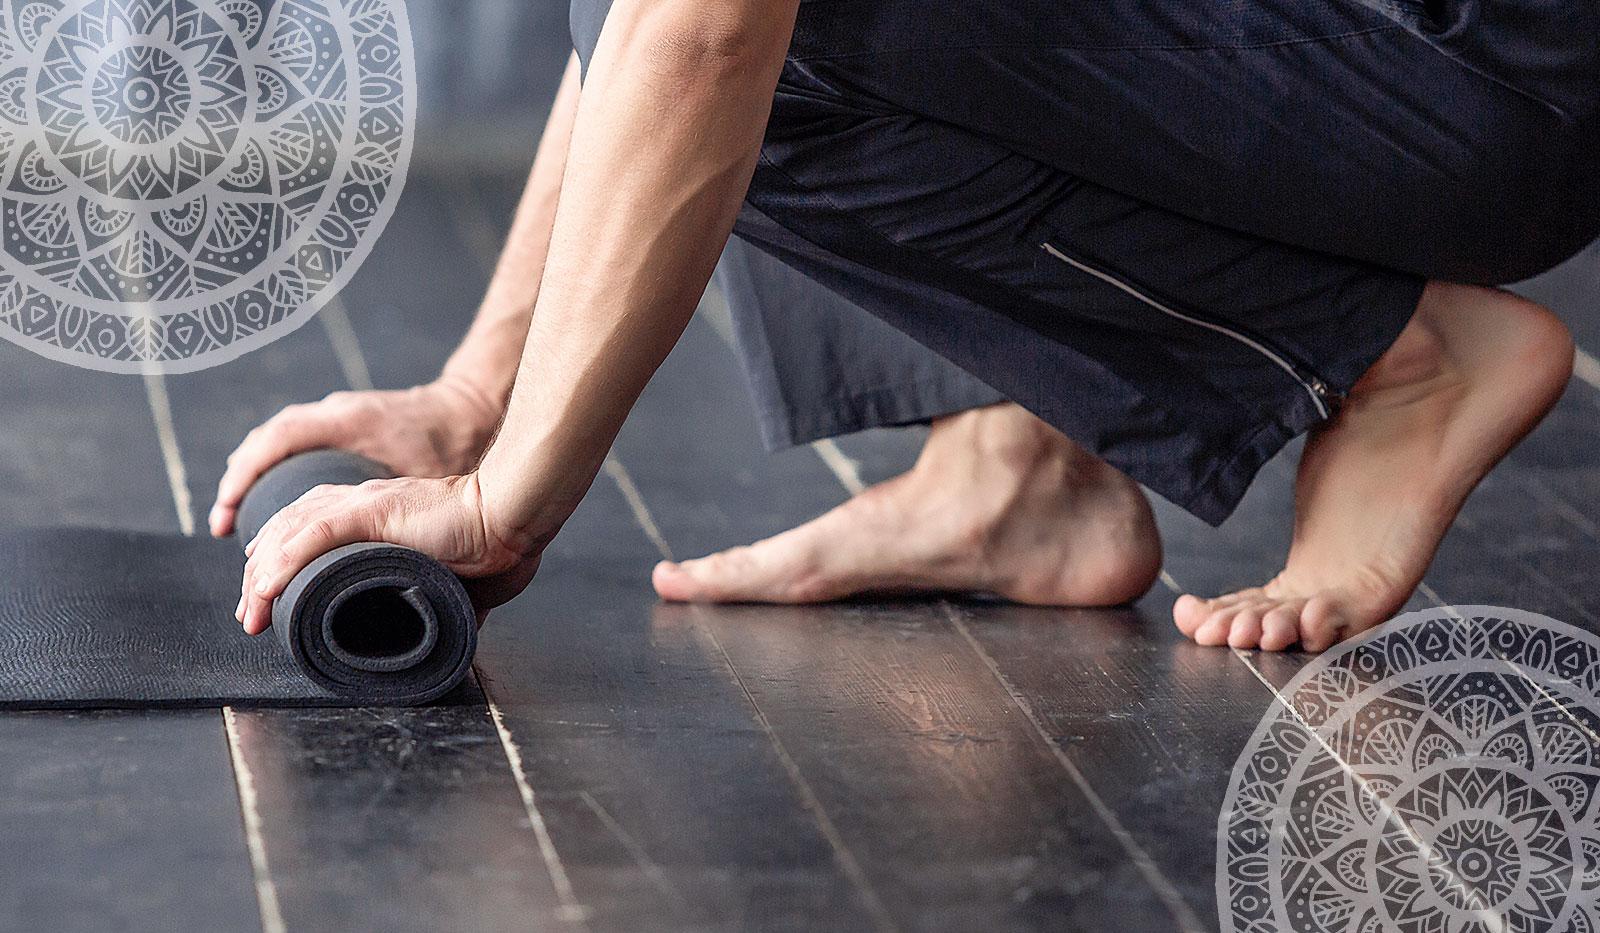 Yogamatte wird ausgerollt